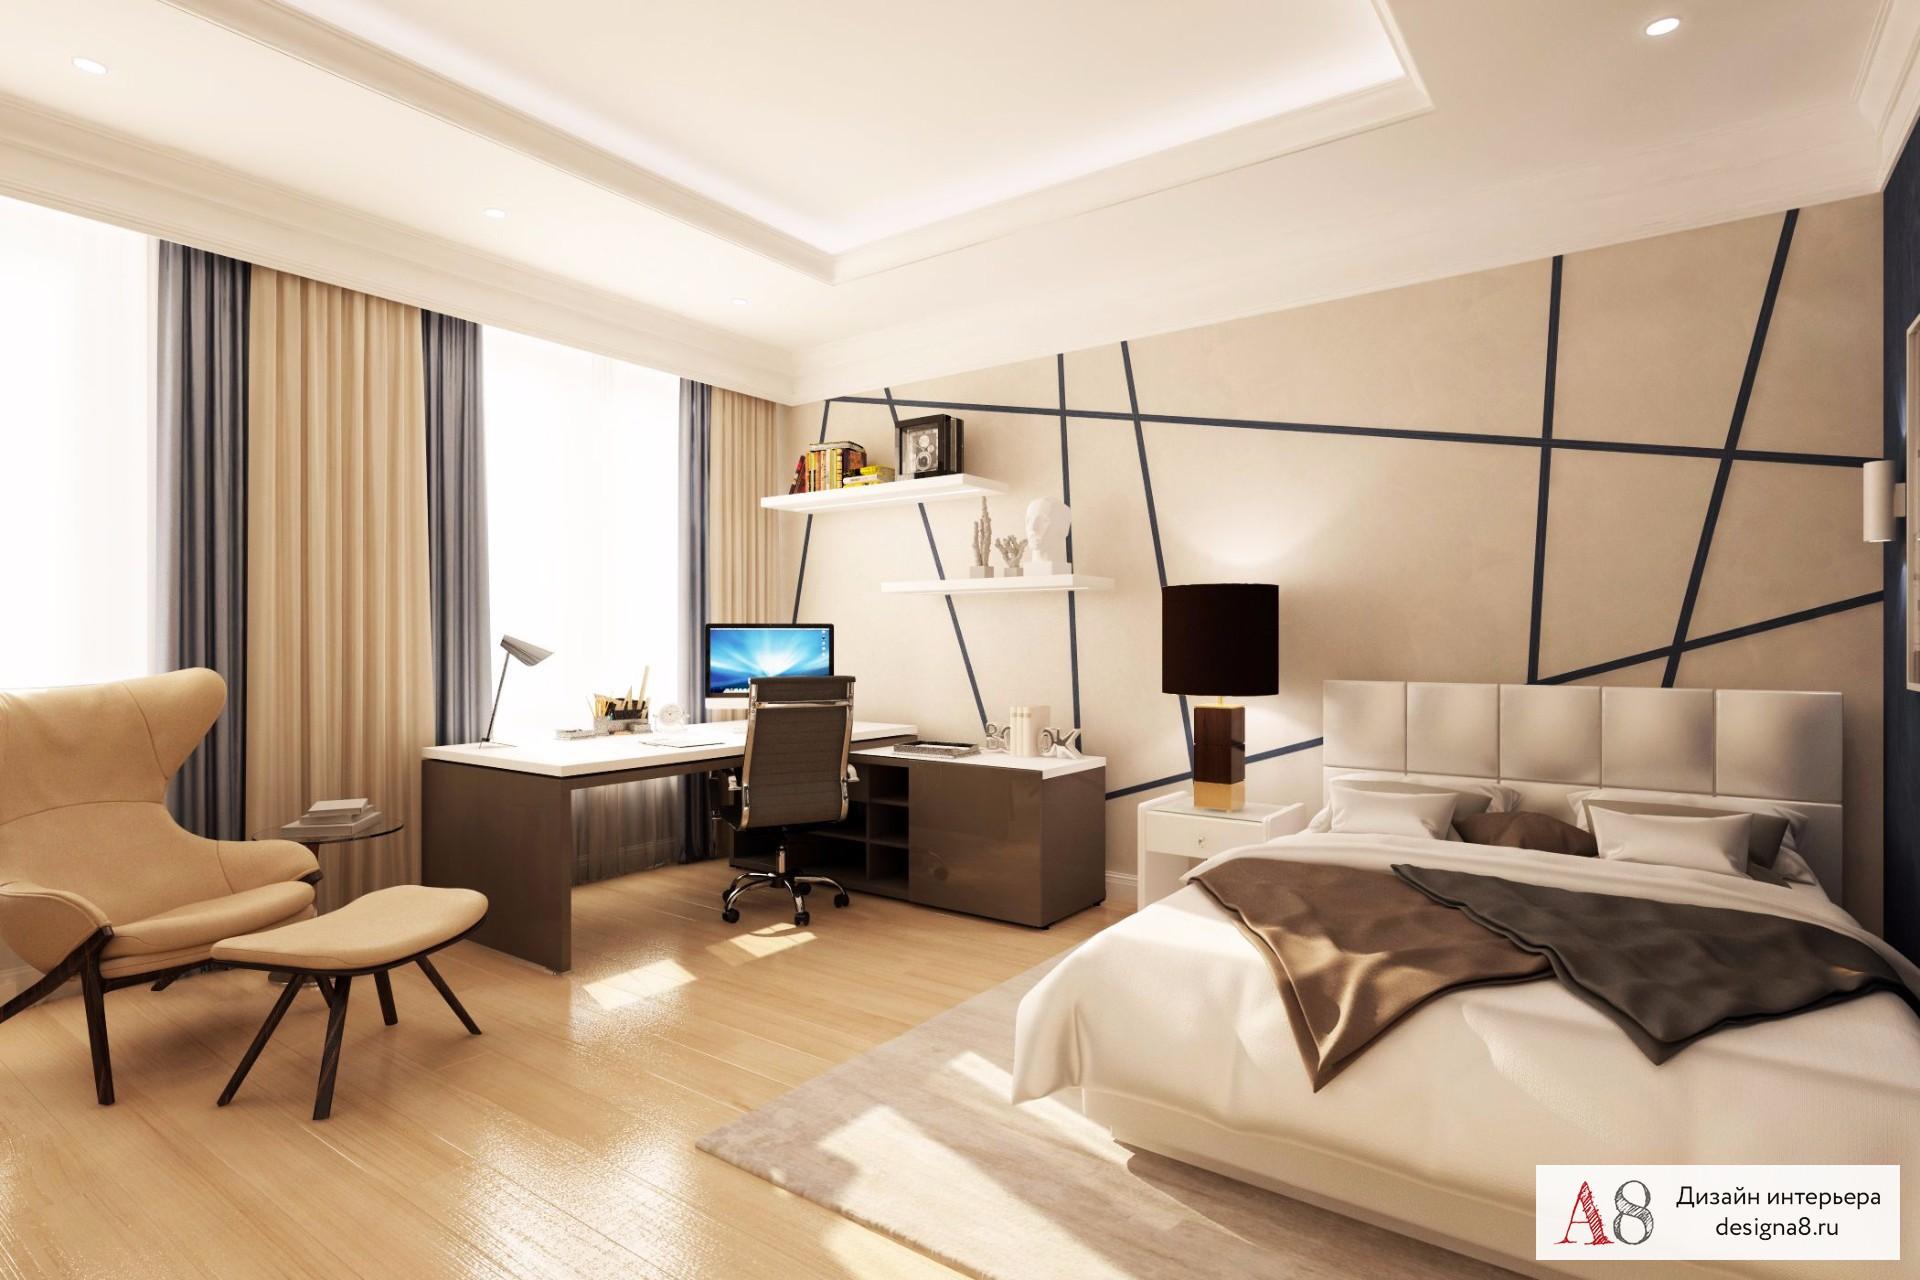 Студенты в спальне, Смотрите онлайн Горячие студенты трахаются в спальне 3 фотография